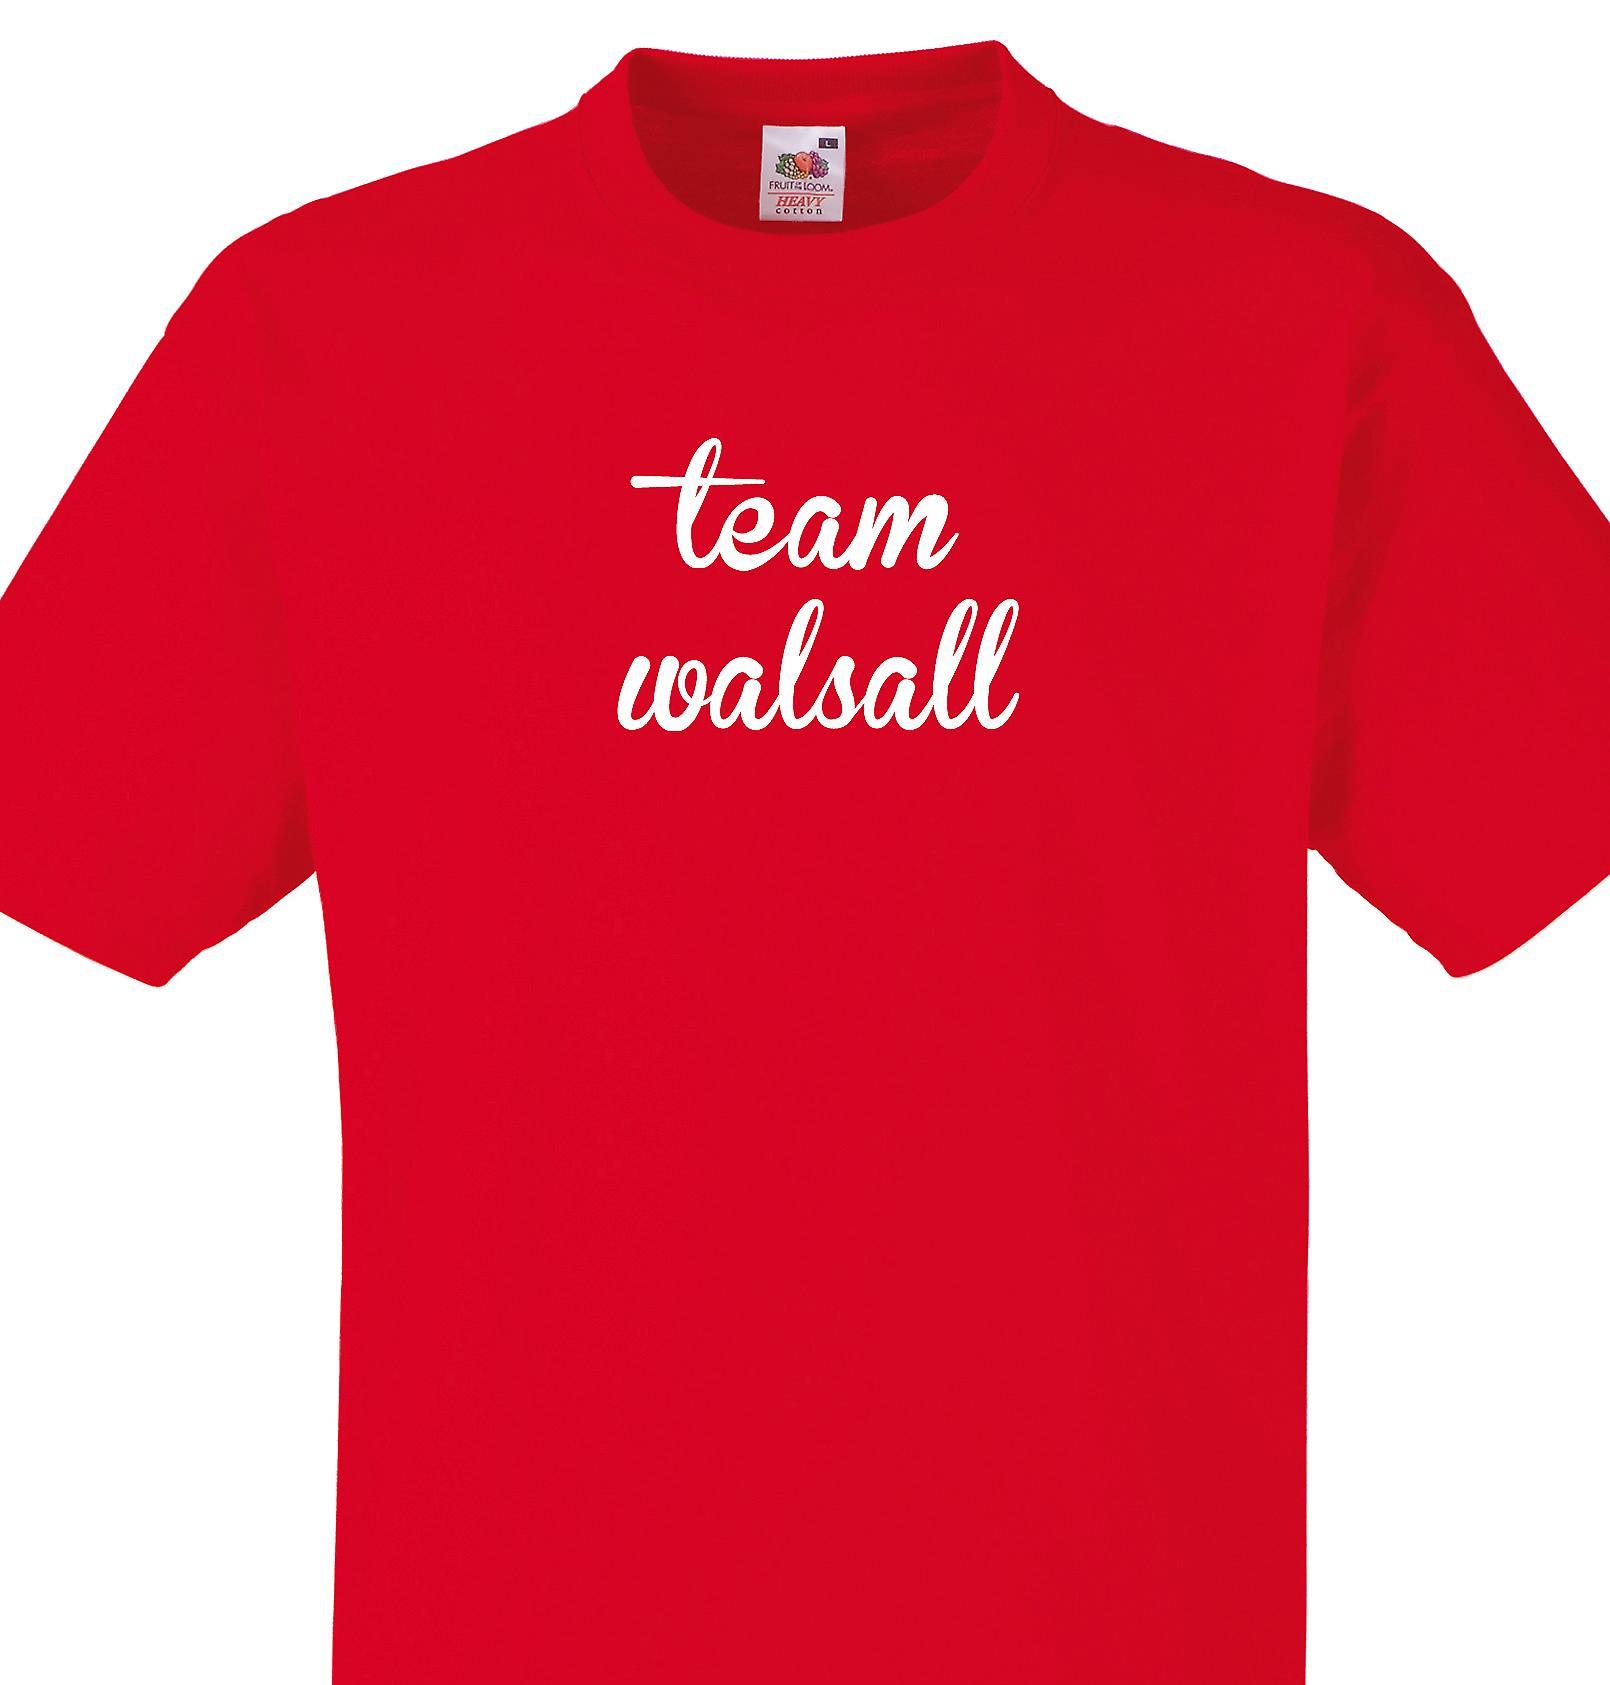 Team Walsall Red T shirt